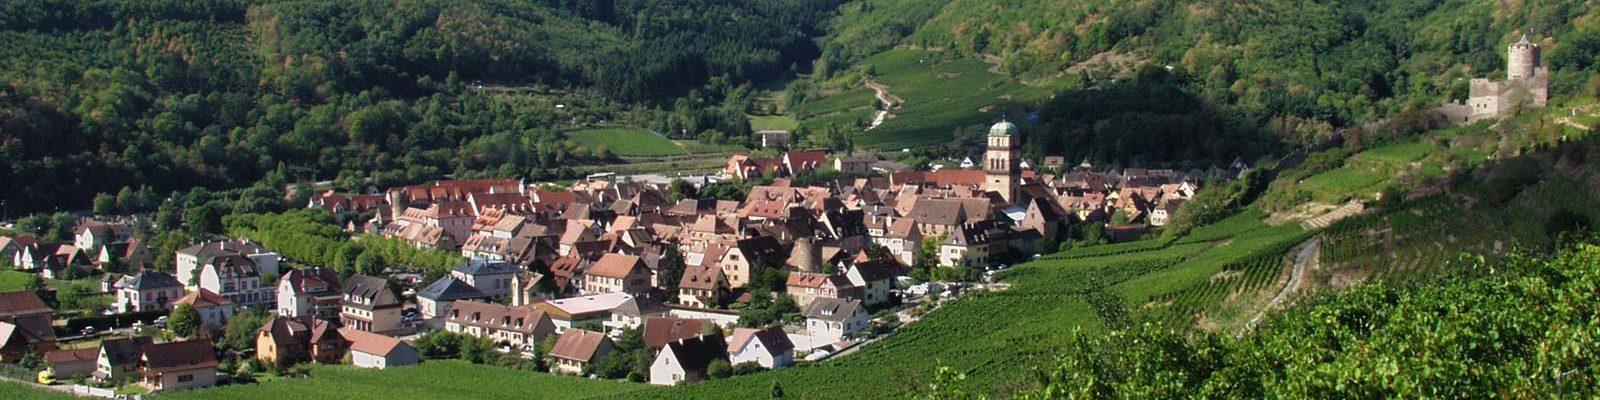 Kaysersberg - la ville et le château nichés à l'entrée de la vallée de la Weiss